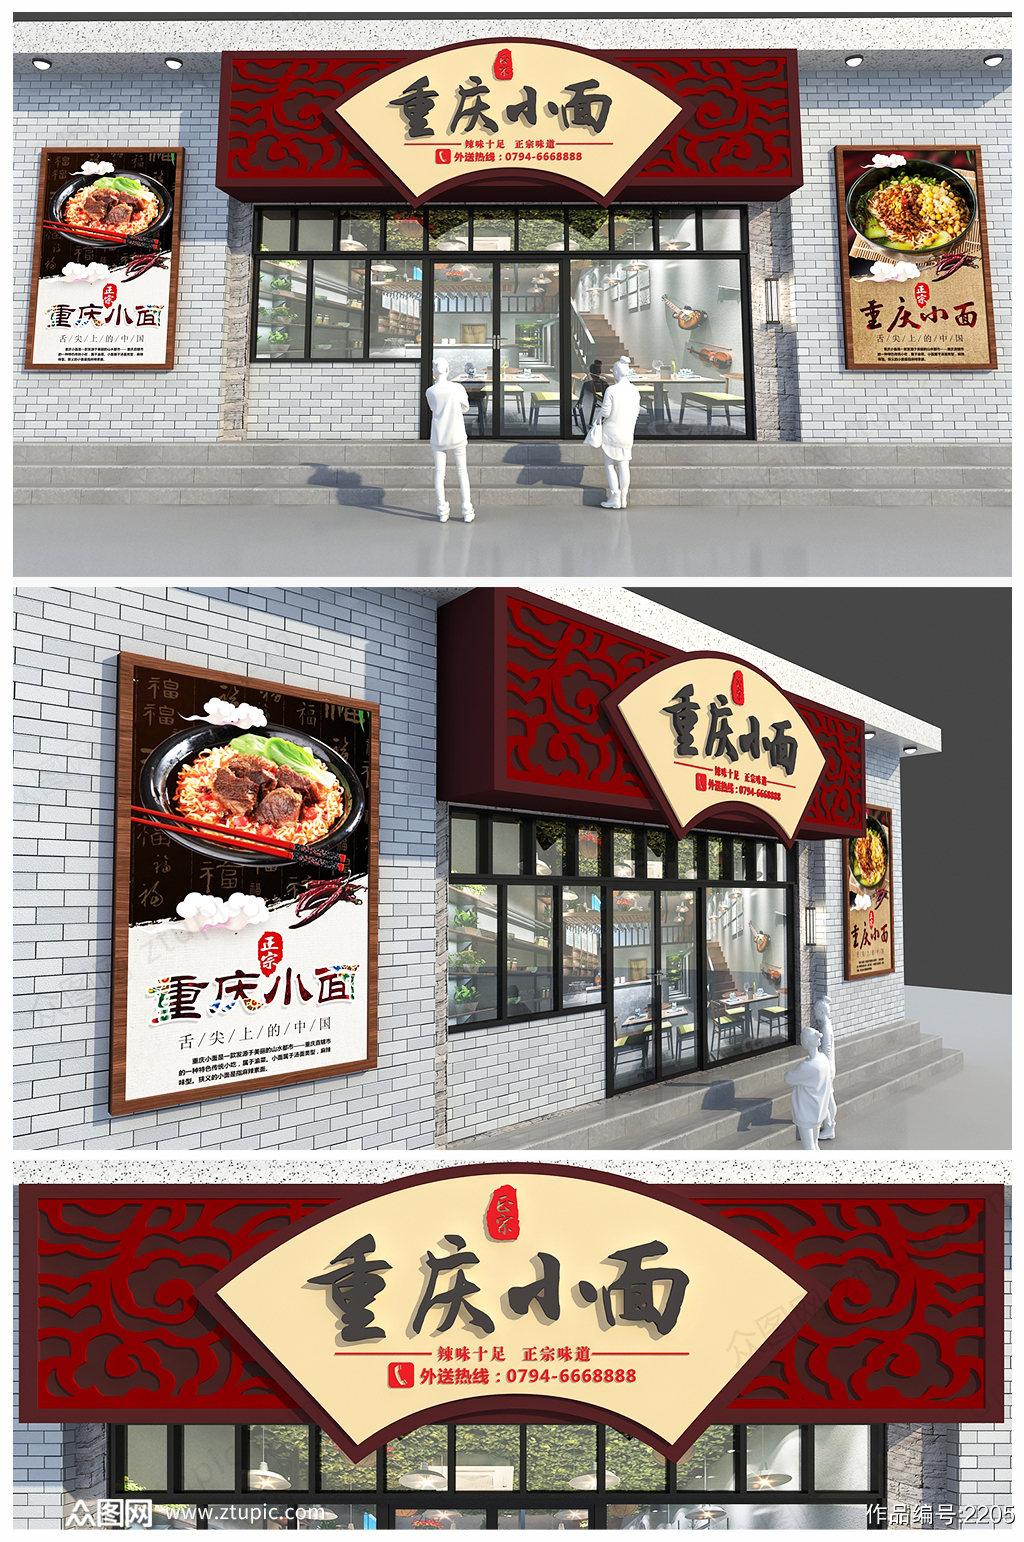 木质大气仿古重庆小面馆门头招牌设计素材